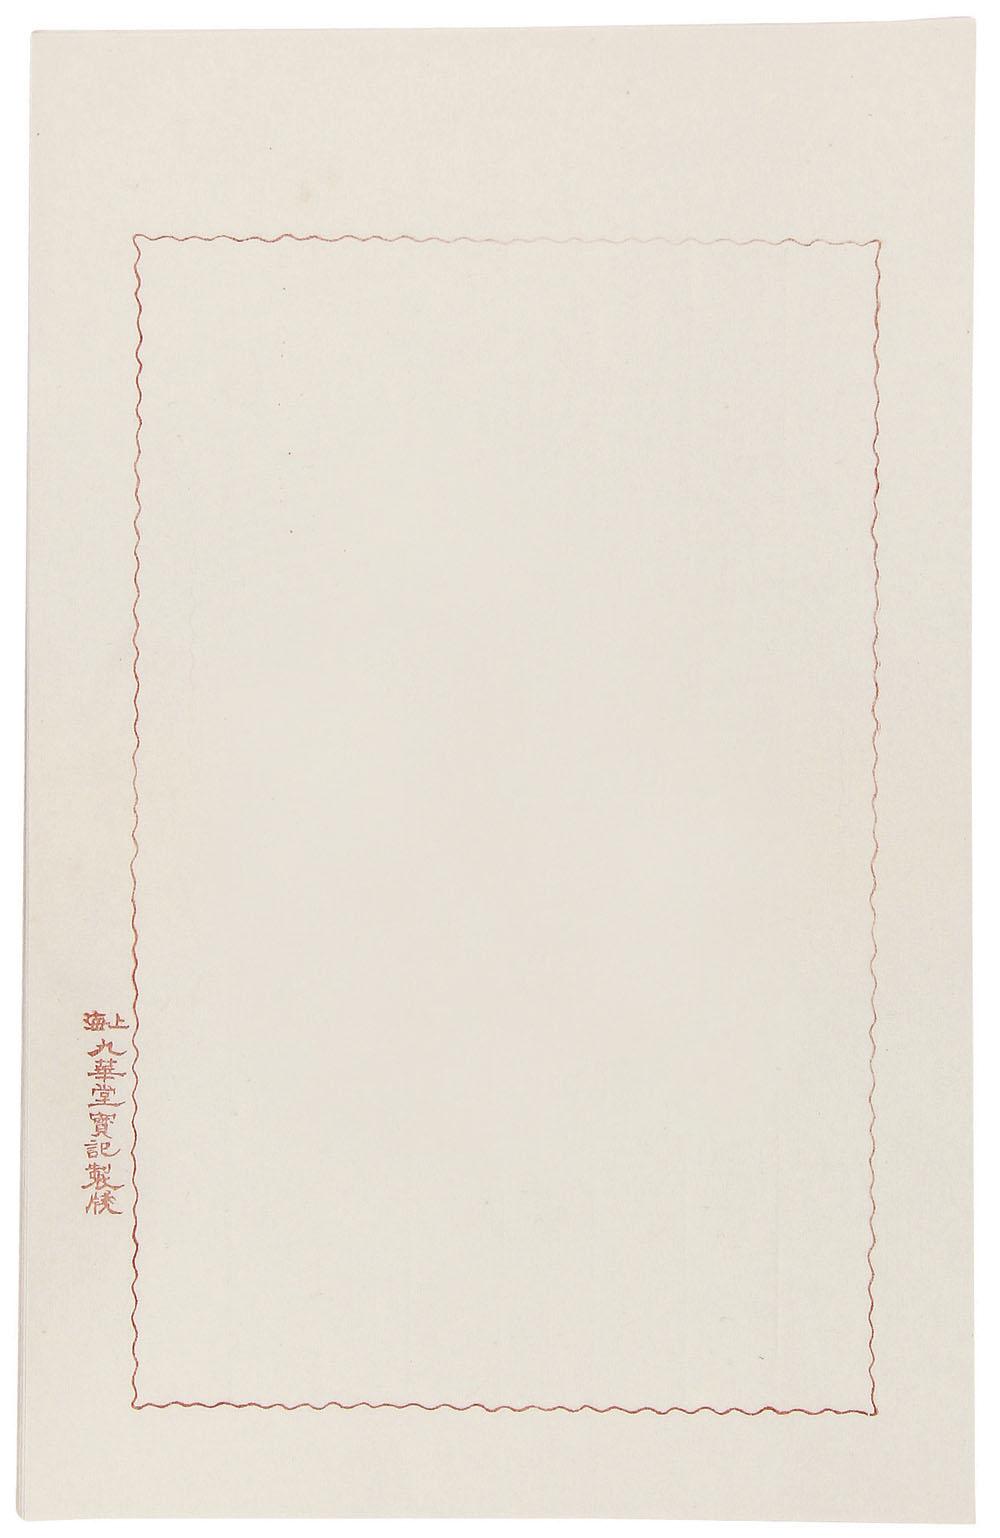 作 者: 年 代: 清末民国上海印製 数 量: 一沓 钤 印: 提 要: 此信笺纸品相极佳,印製精良。上海九华堂是民国时期知名店铺,开设于清光绪十三年,是一家以製作、经营纸笺、印泥、扇面、名人书画及木板水印为主的字画店,其製作的笺纸更是名家、学者所爱之物。 尺 寸: 27.